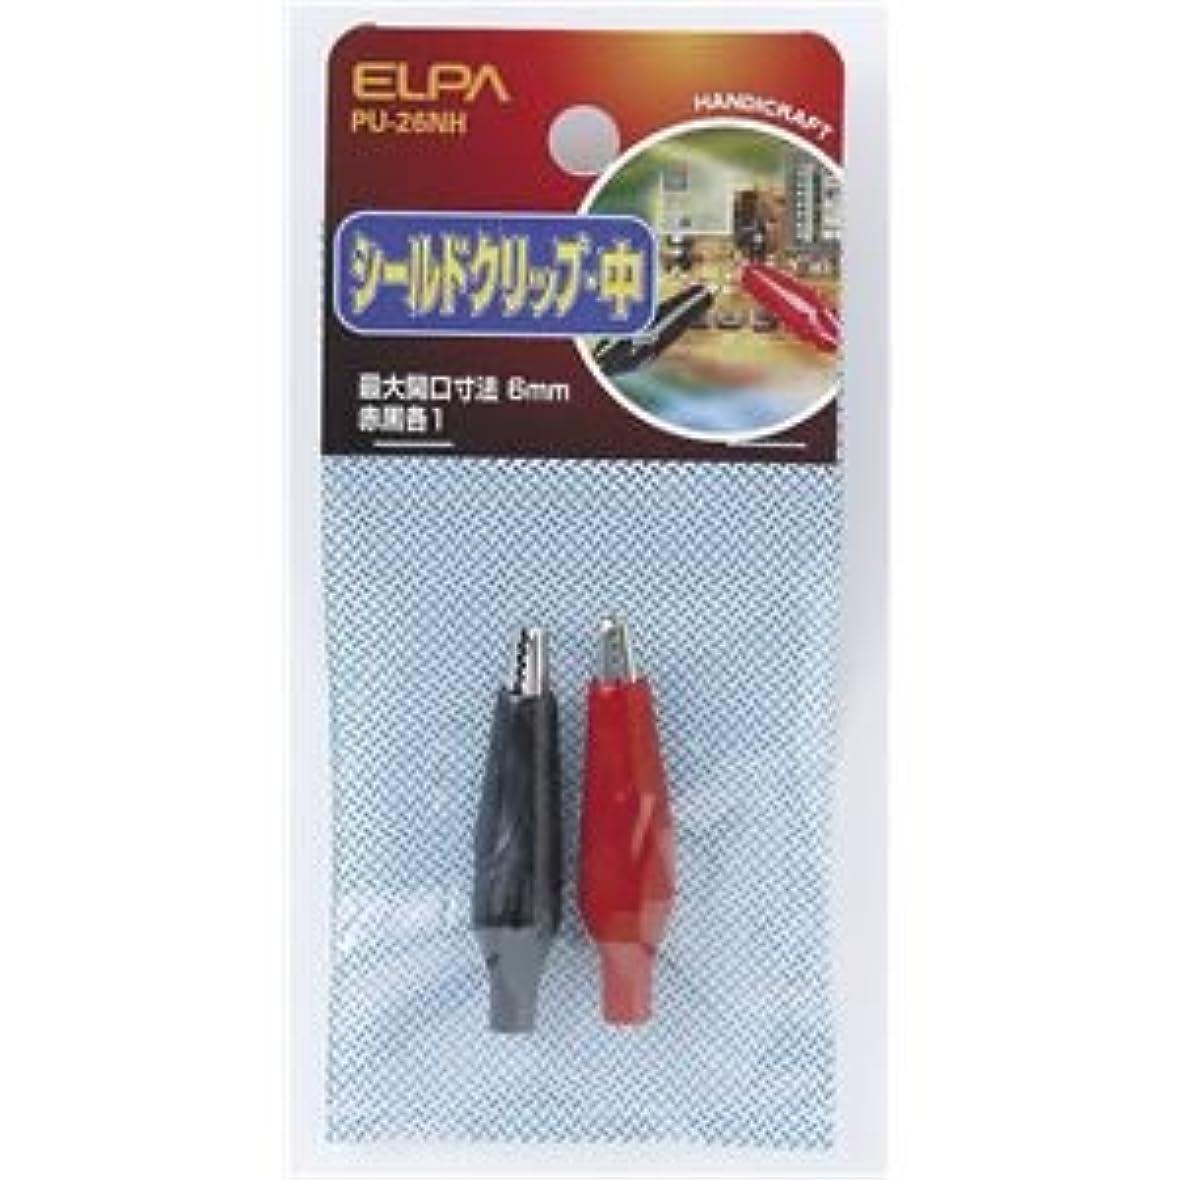 好き聖歌同行(業務用セット) ELPA シールドクリップ 中 PU-26NH 【×30セット】